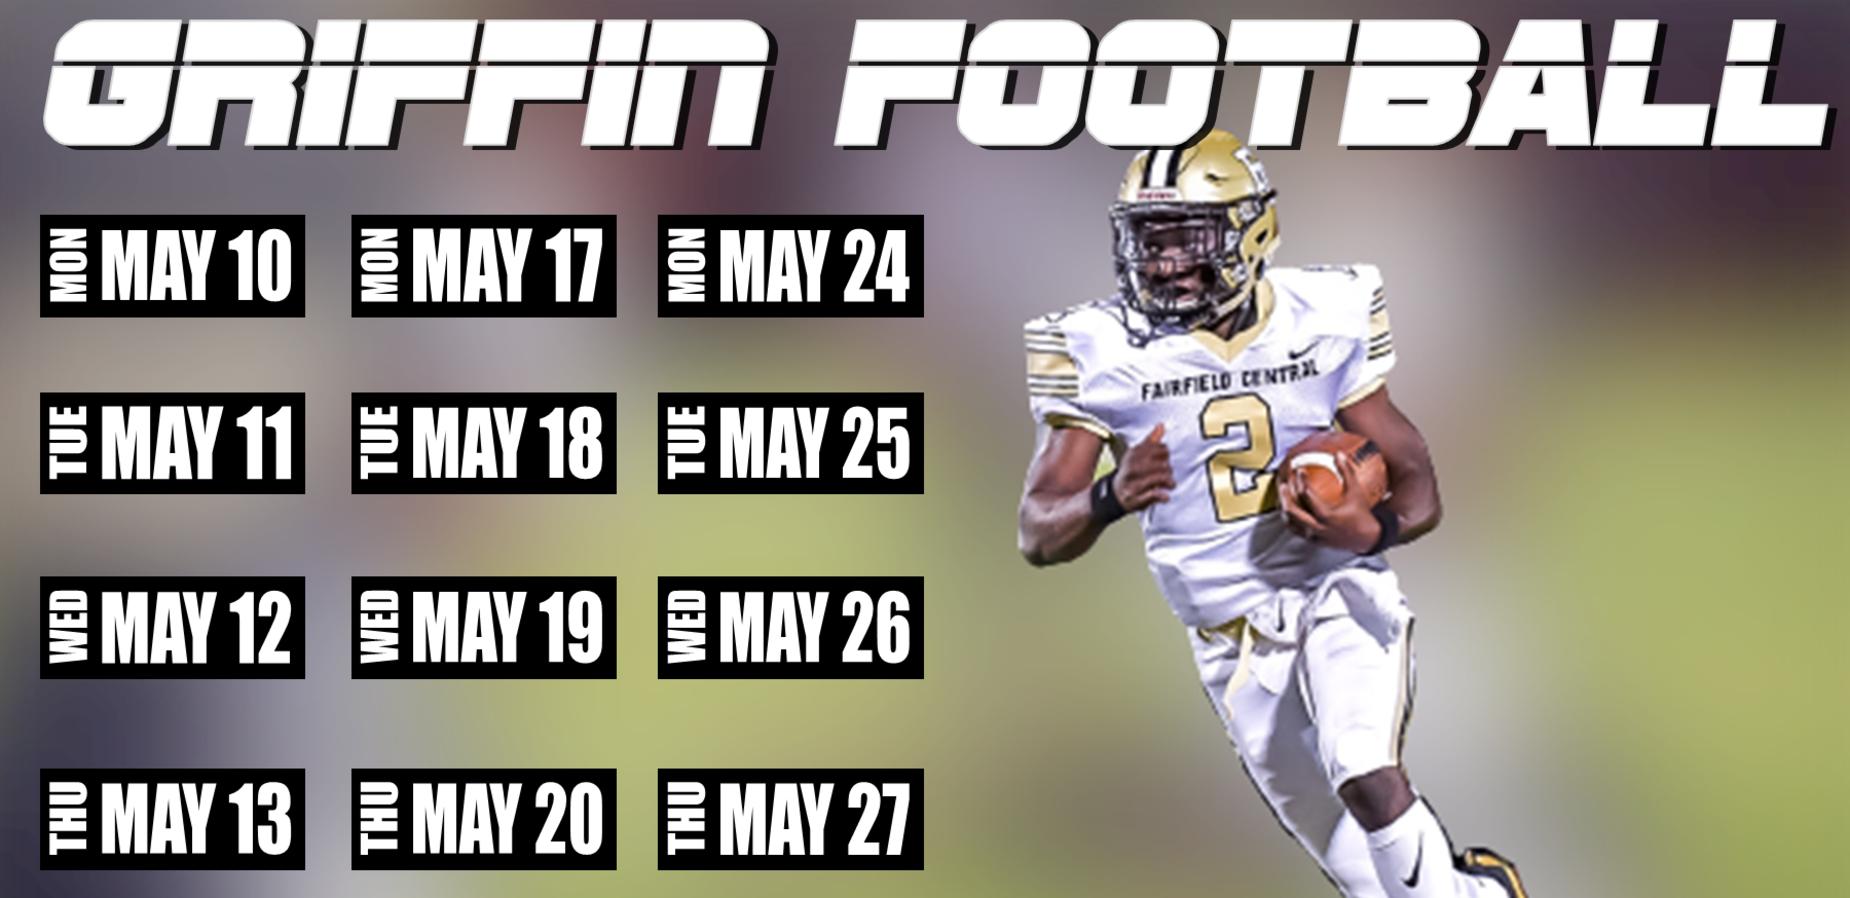 GRIFFIN FOOT BALL; MAY 10-13; MAY 17-20; MAY 24-27